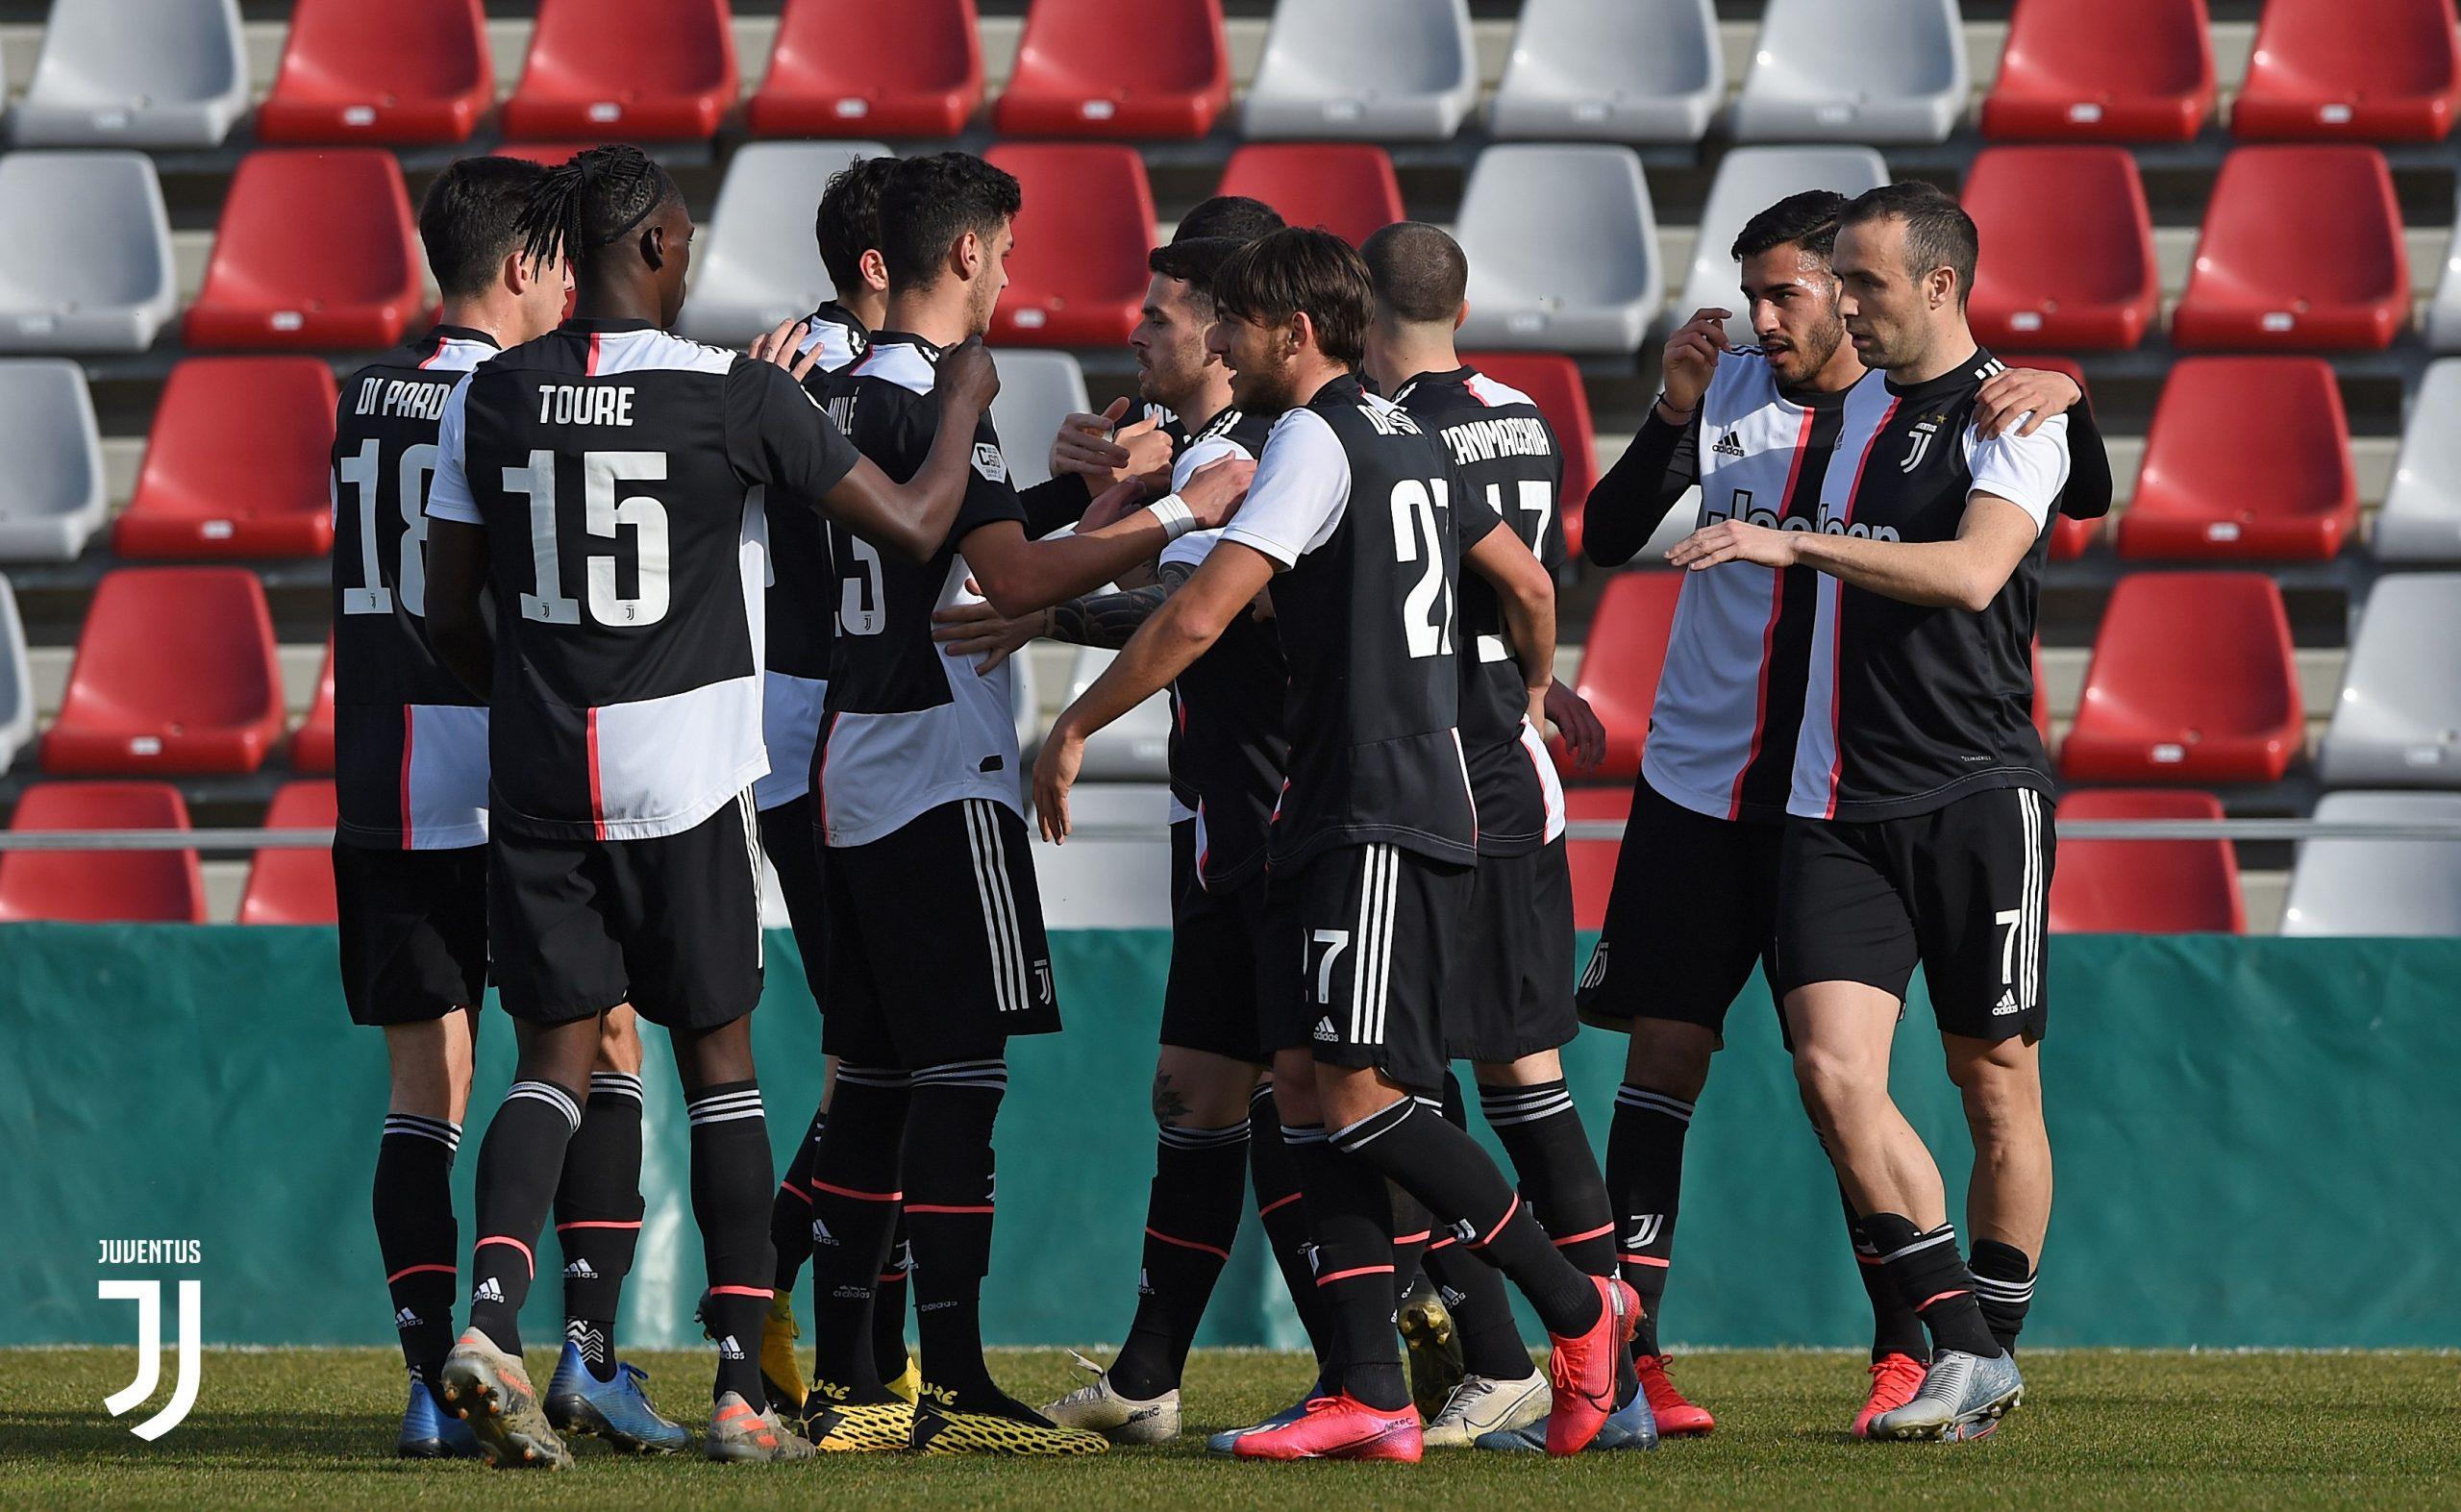 Juventus U23 v Pianese - Serie C